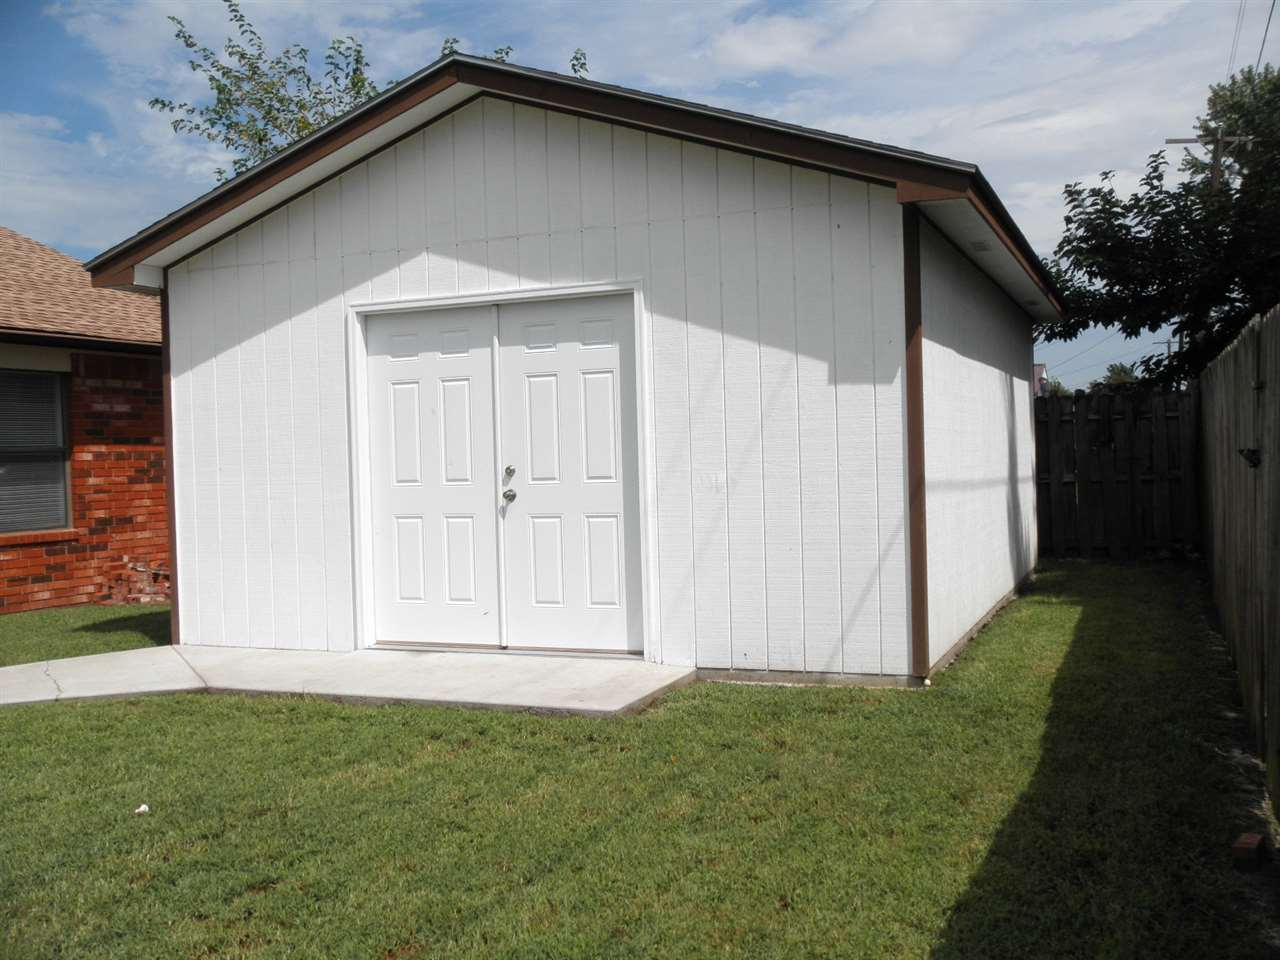 Sold Cross Sale W/ MLS | 124 Woodbury Ponca City, OK 74601 14